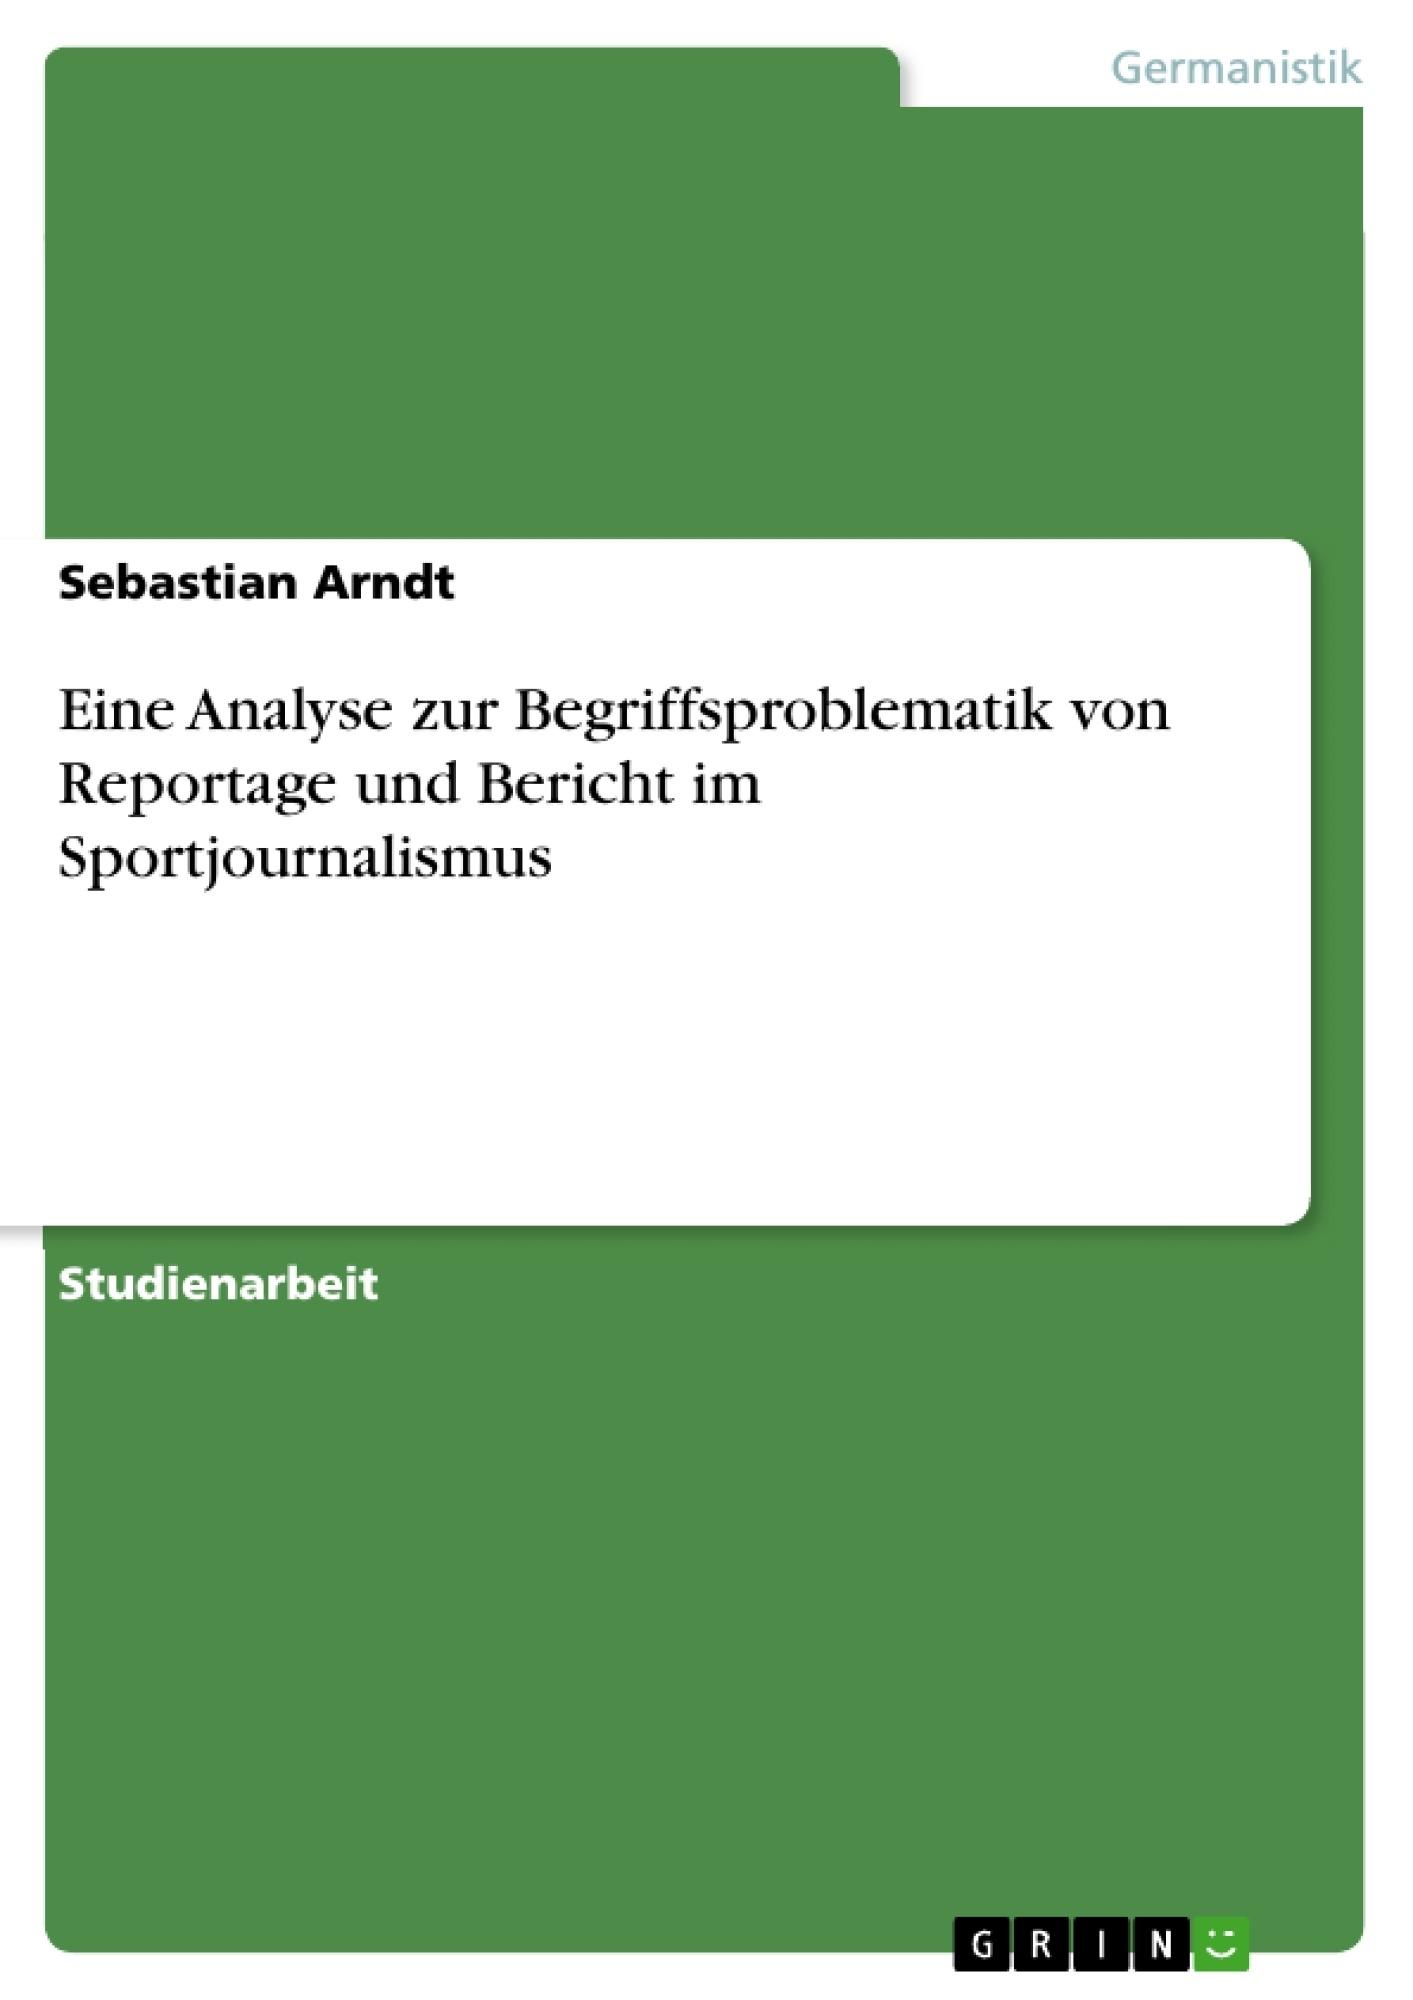 Titel: Eine Analyse zur Begriffsproblematik  von Reportage und Bericht im Sportjournalismus